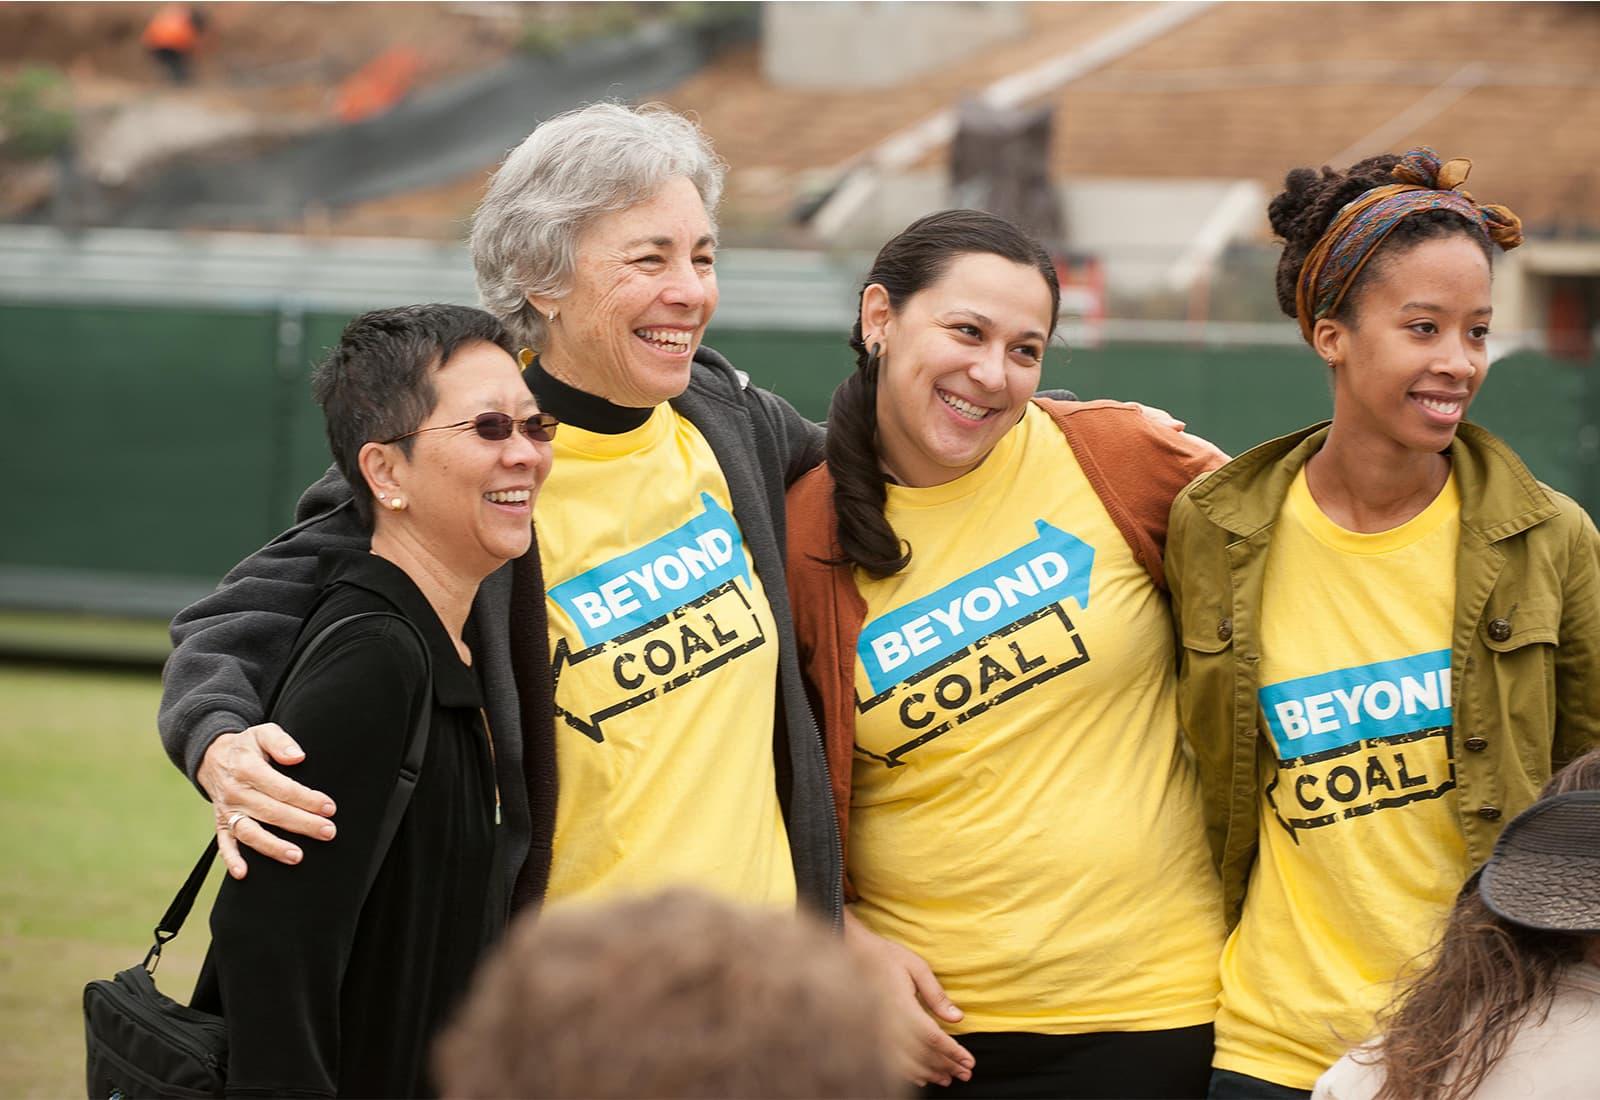 Beyond Coal volunteers rally in Los Angeles, California. Photo credit: Sierra Club